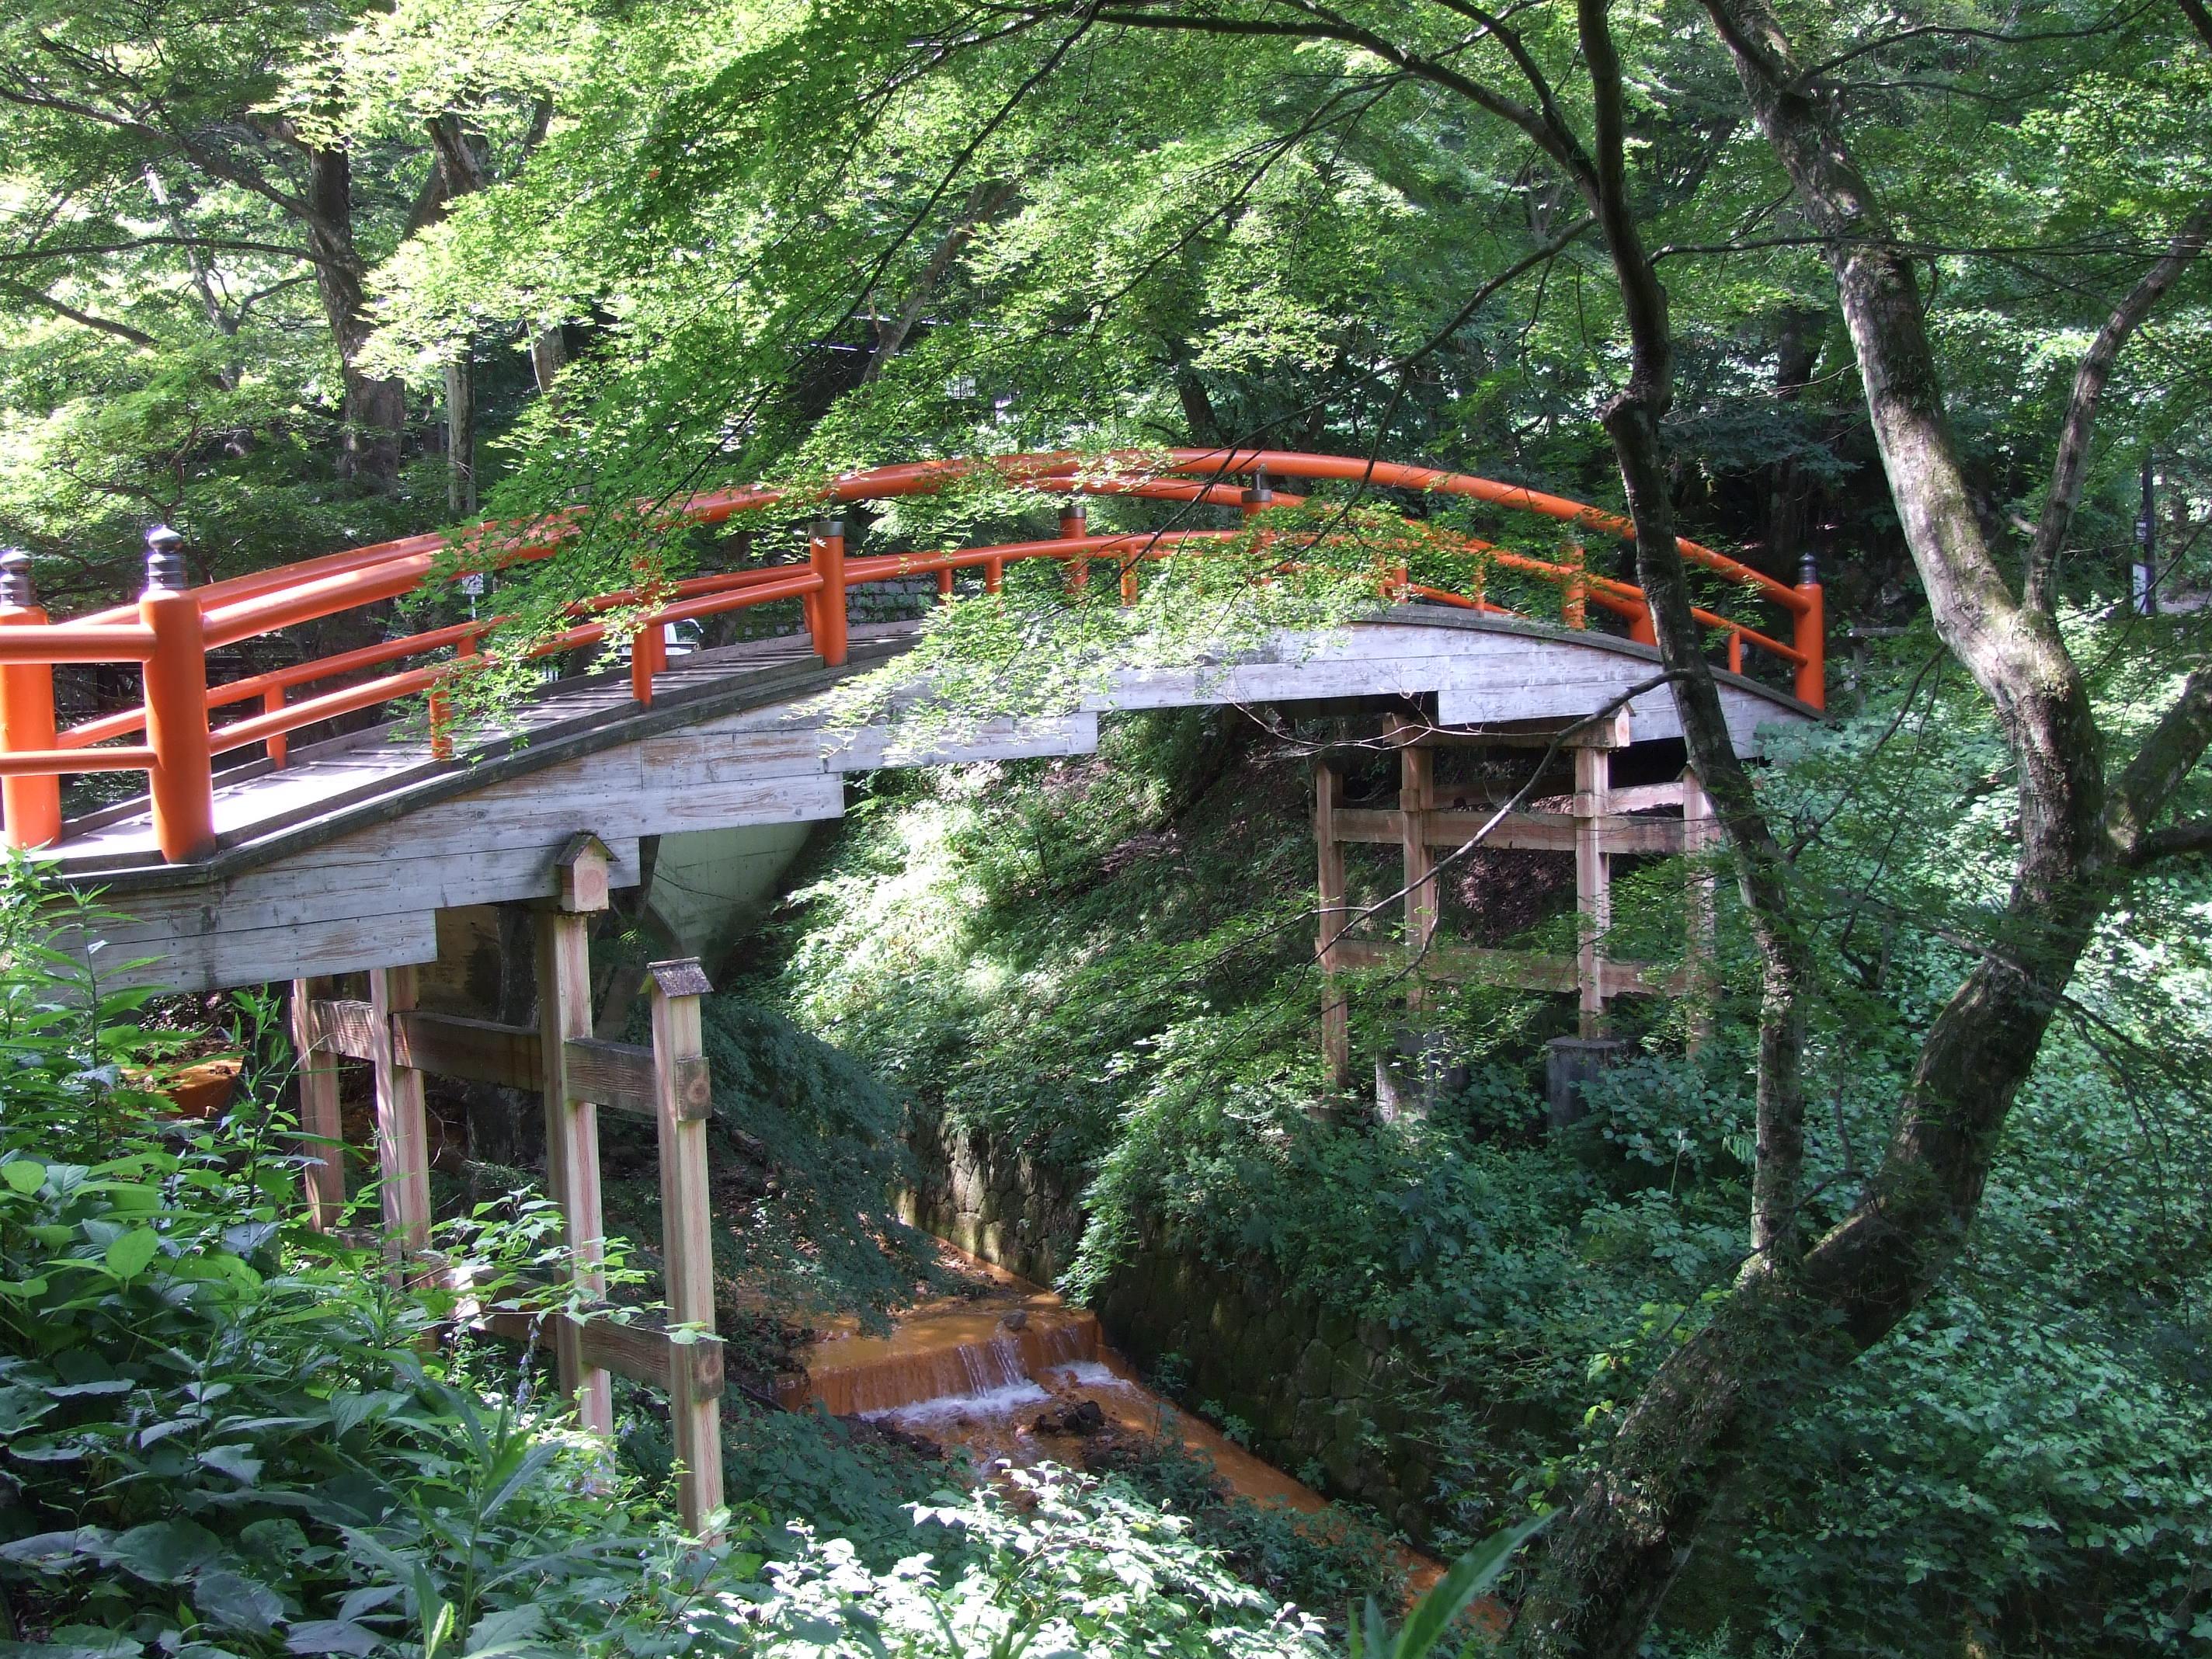 朱色の欄干が綺麗な橋(伊香保のシンボル?)